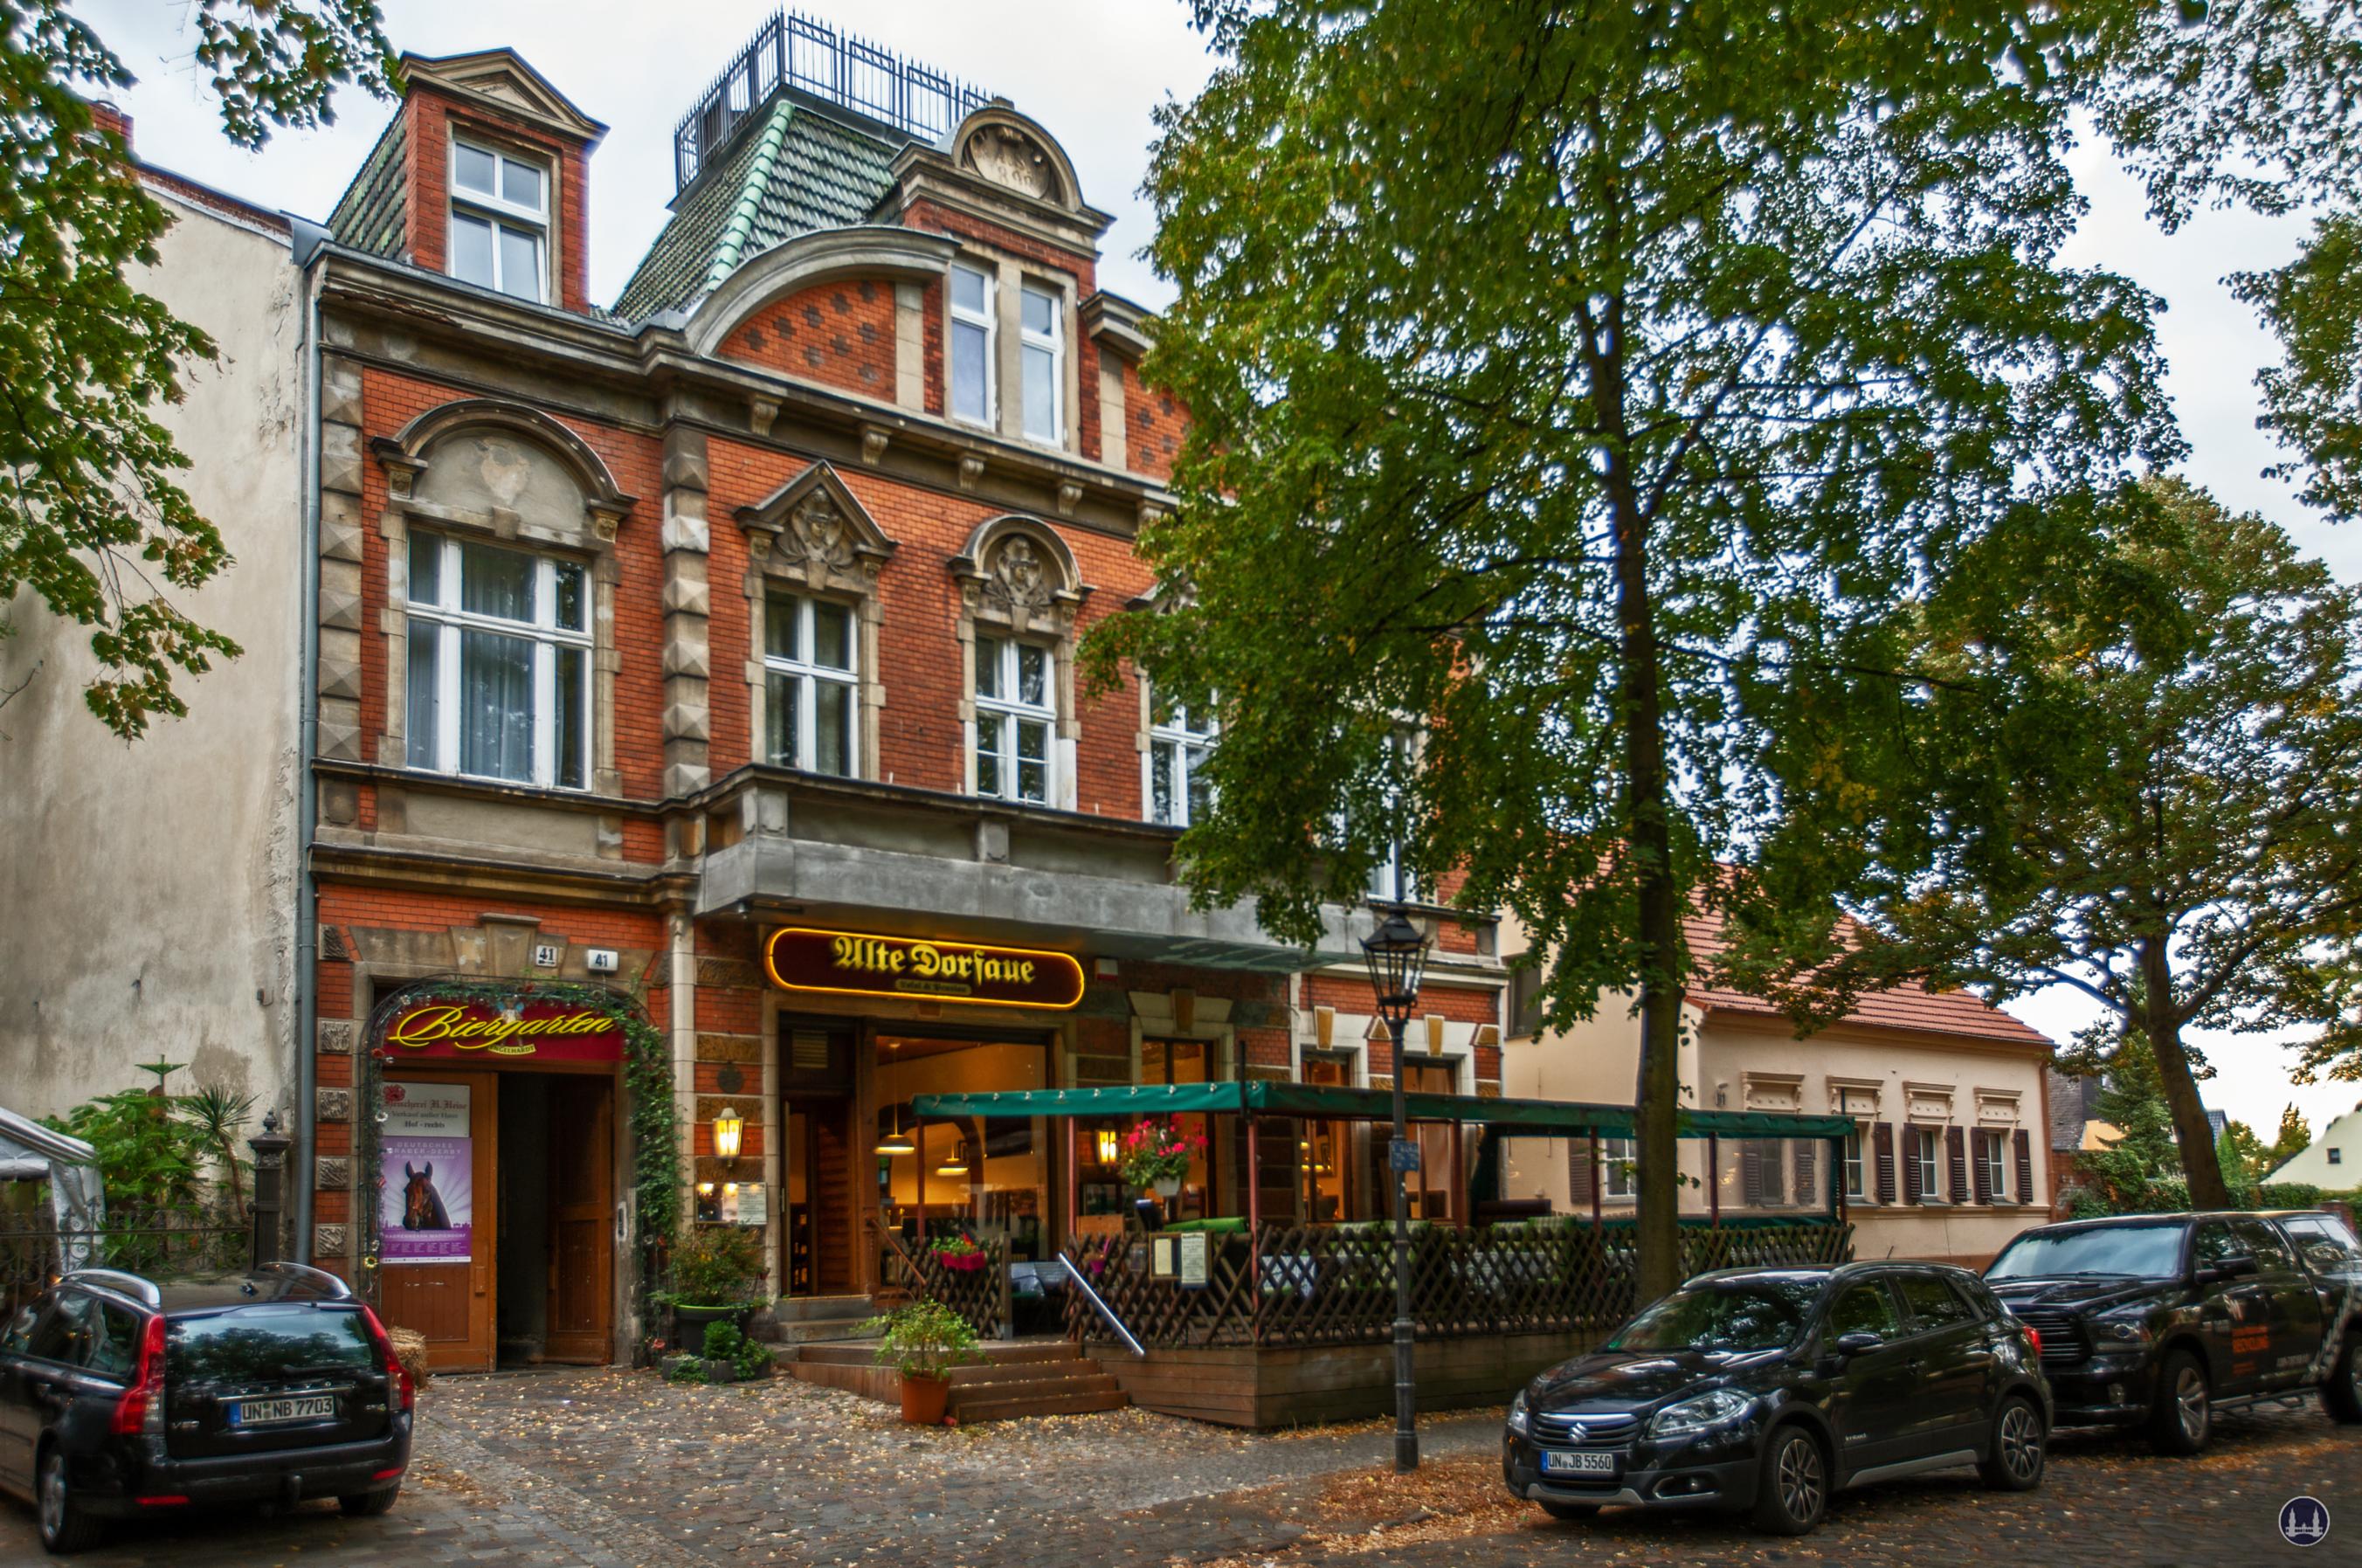 """Das Schlächterhaus Alt - Marienfelde 41 in Berlin. Früher befand sich hier das Restaurant """"Alte Dorfaue""""."""